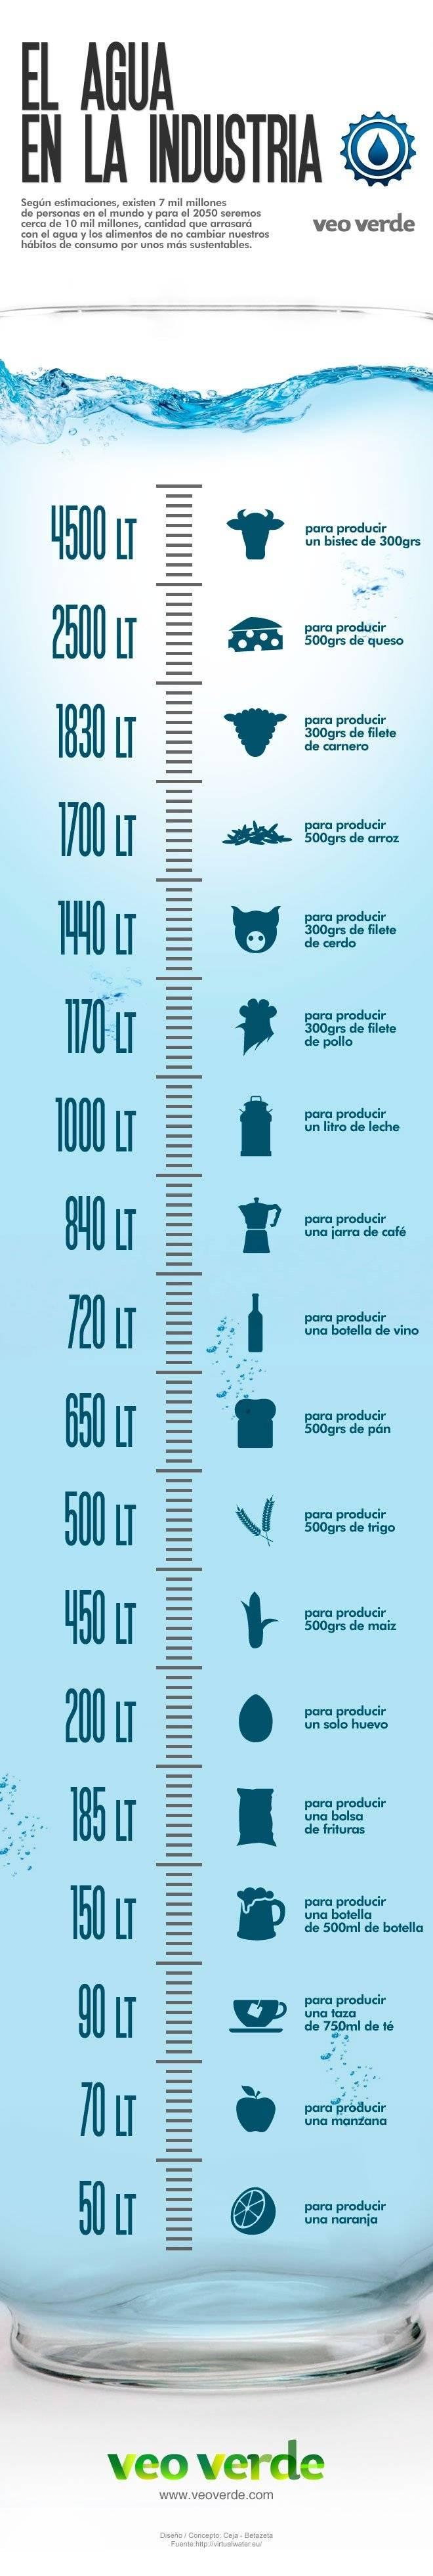 infografiaaguaveoverdev21.jpg